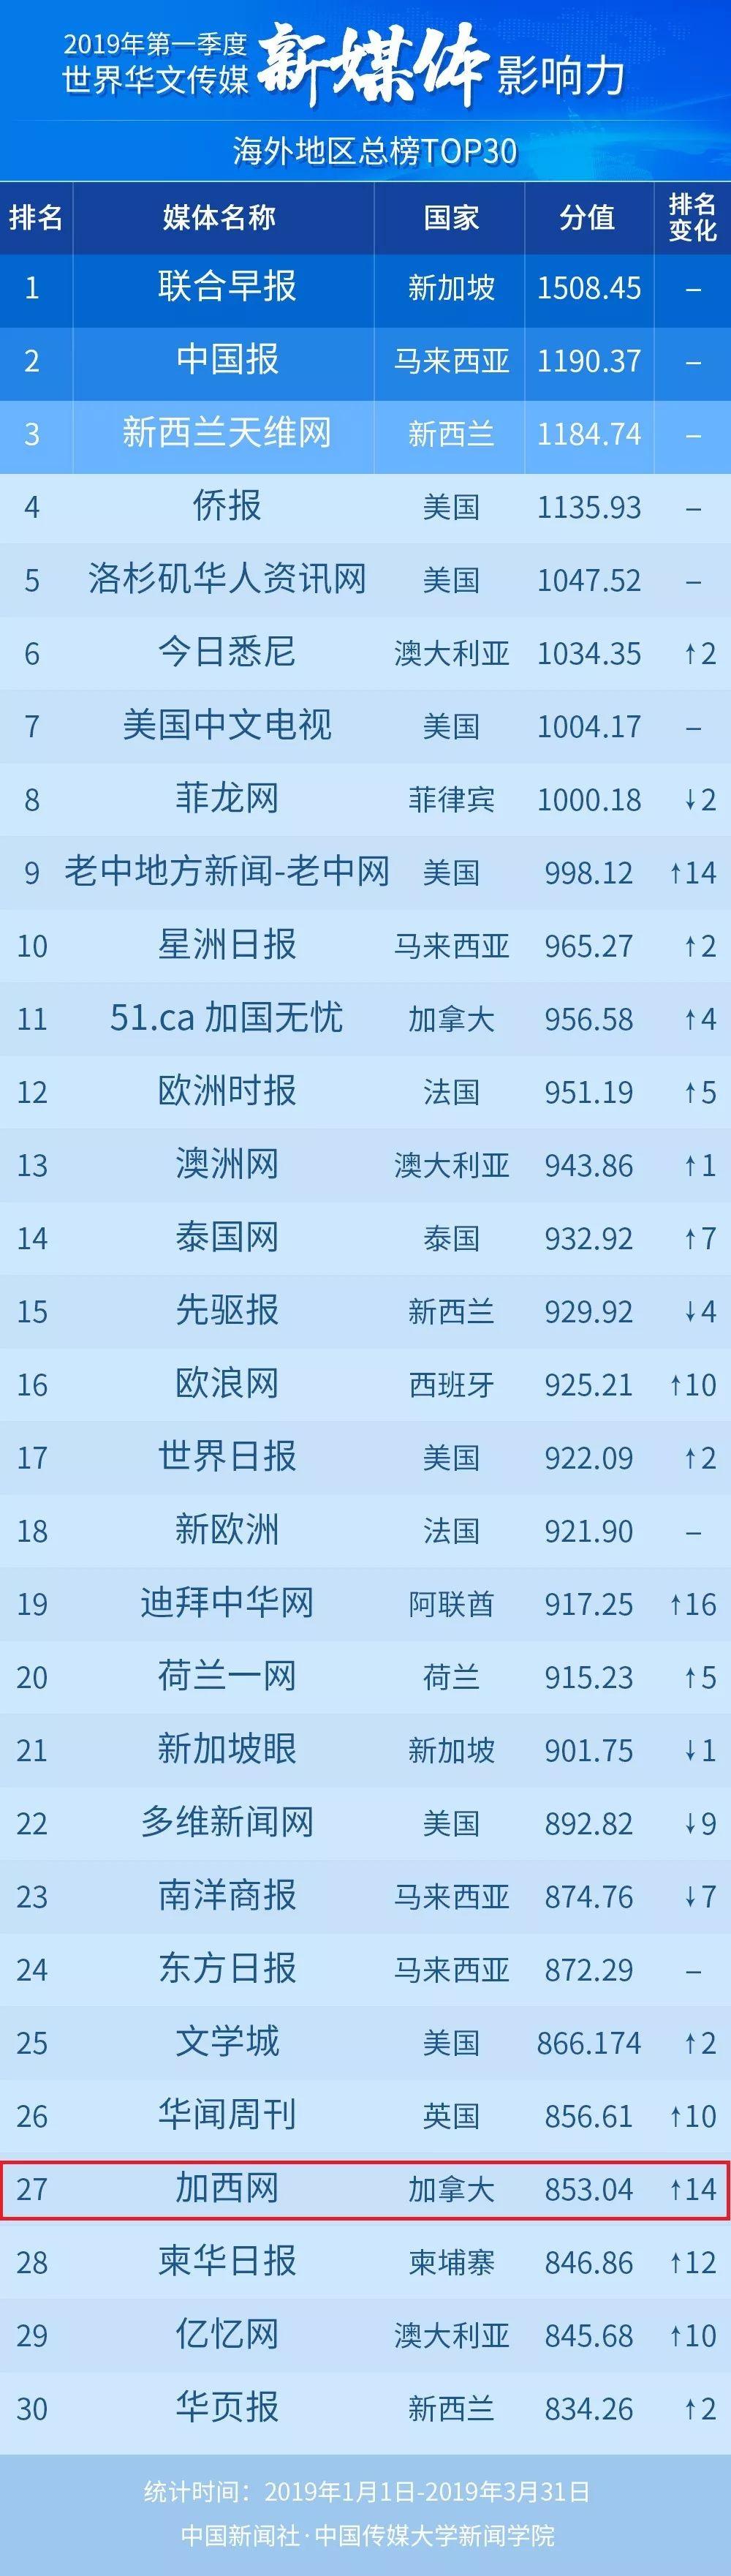 加西网飞升8位次海外华文网站第4加拿大华文网站第一!